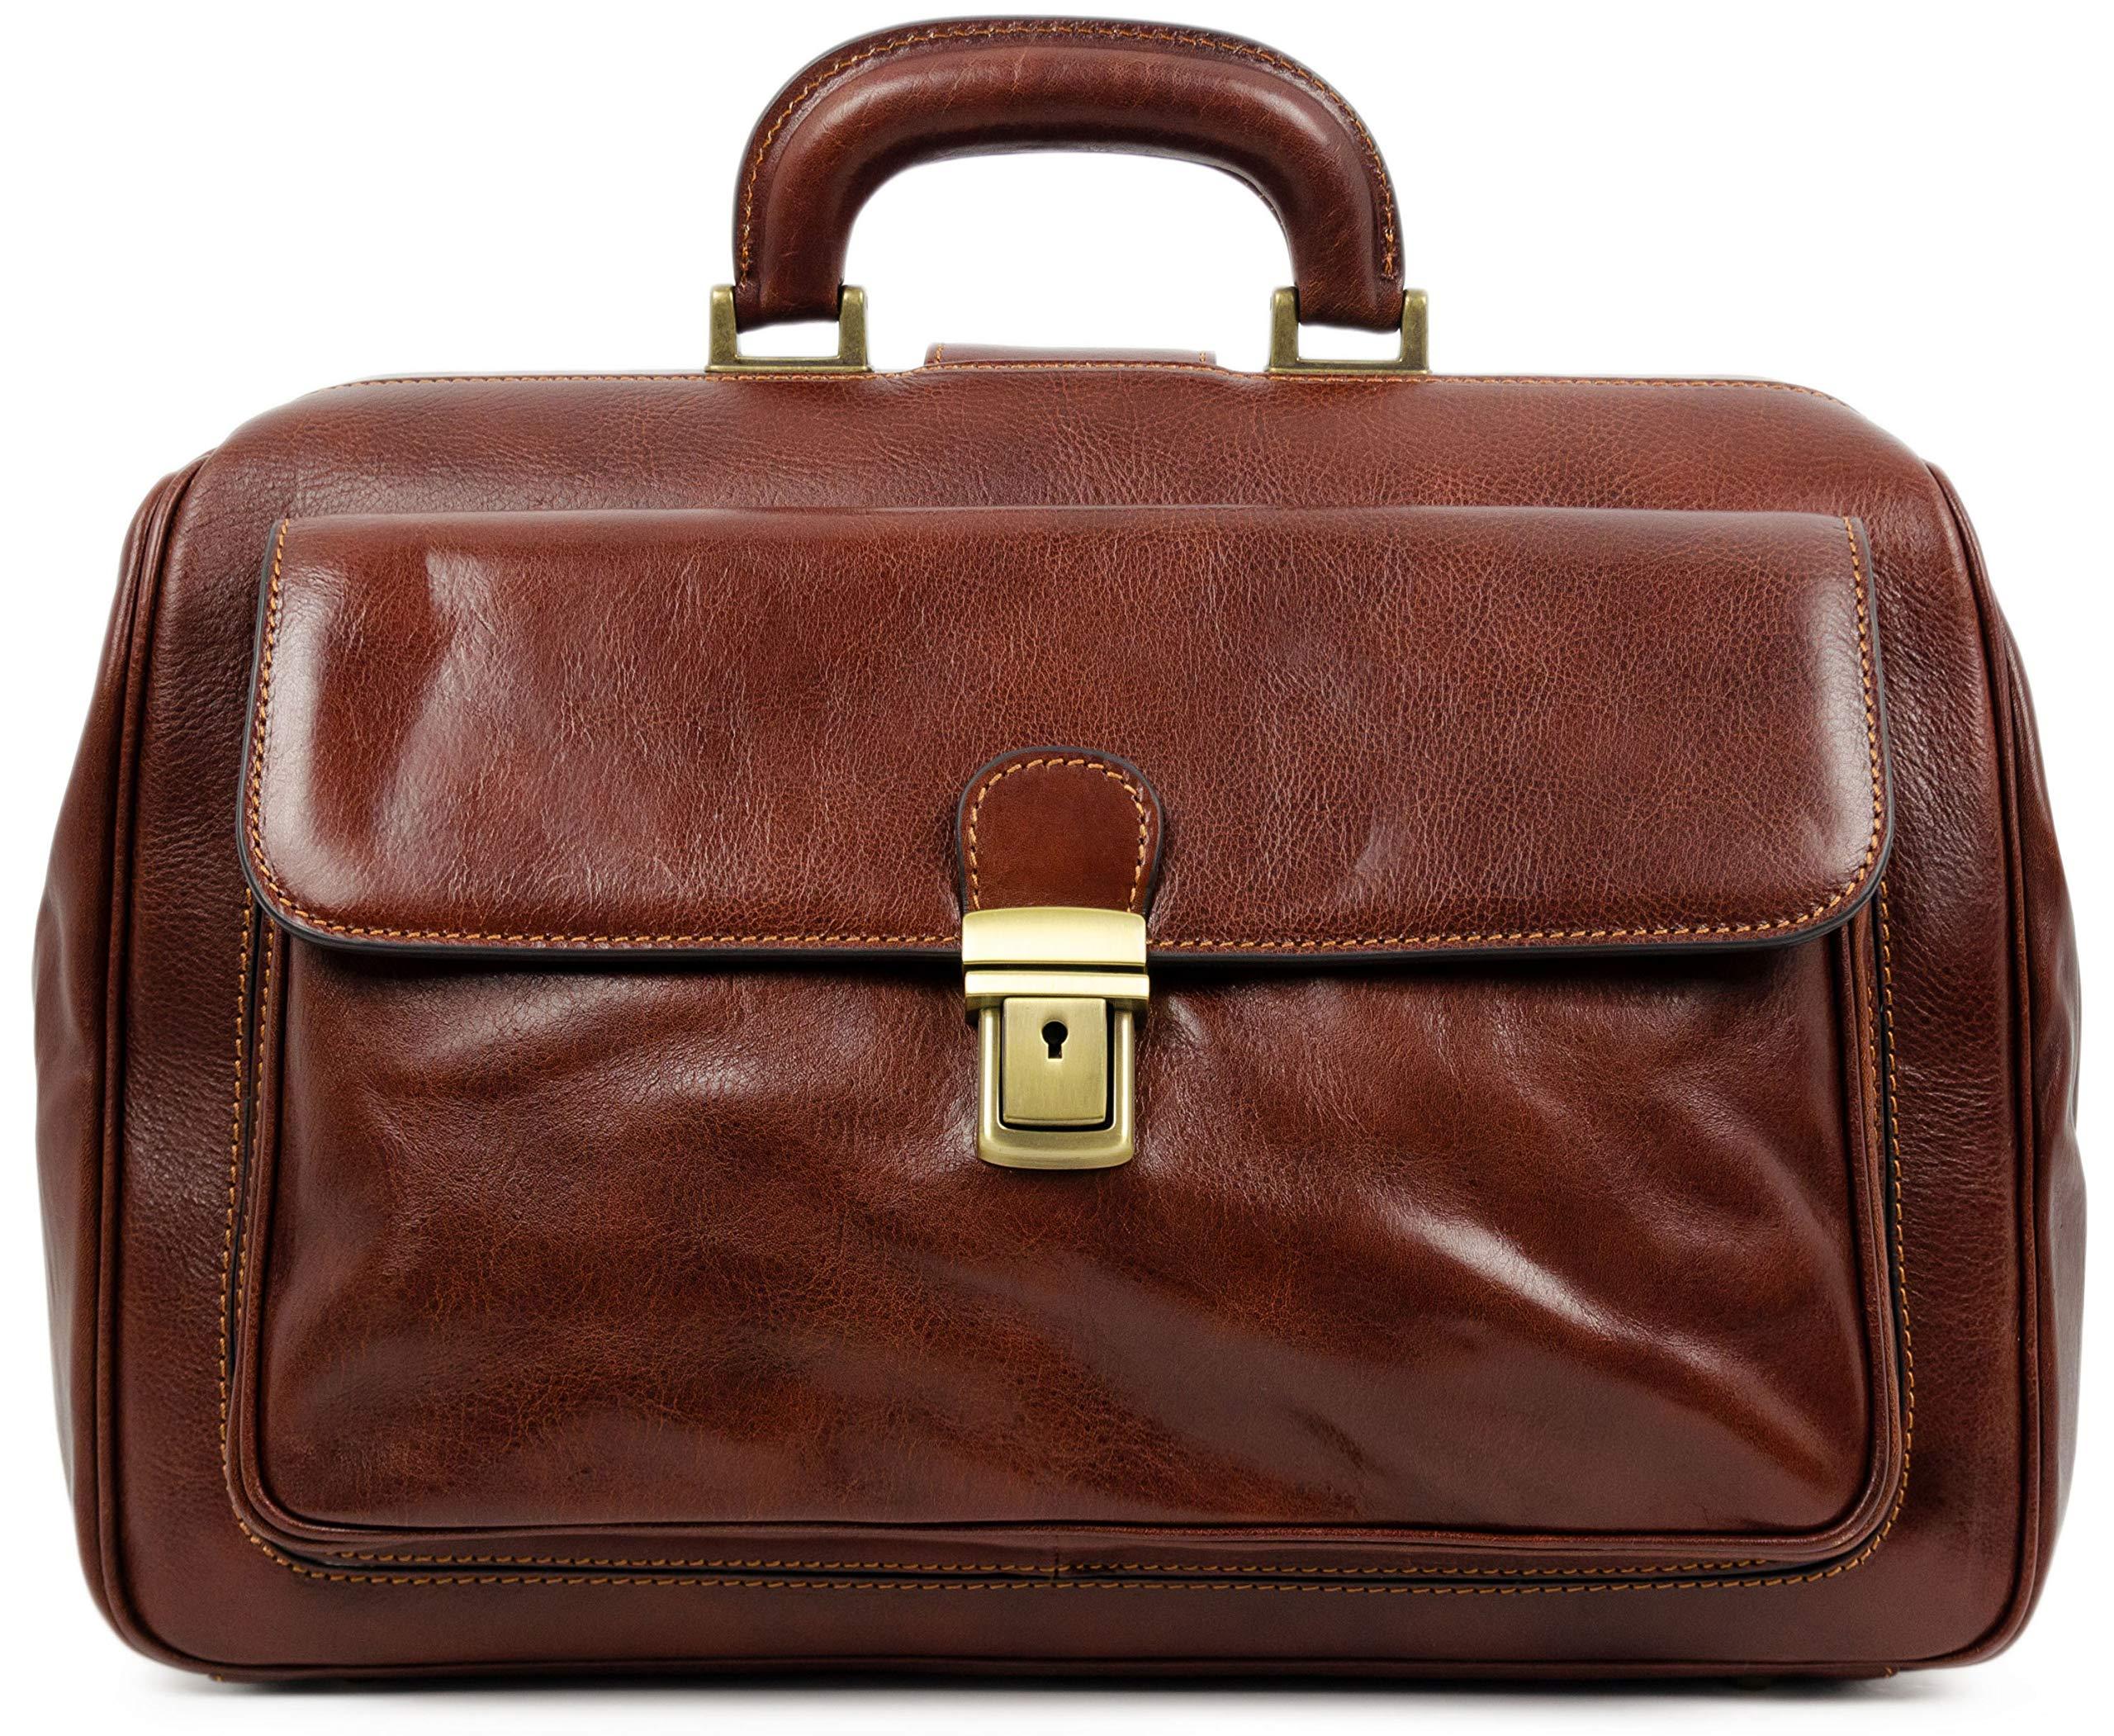 Leather Doctor Bag Leather Medical Bag Satchel Bag Brown - Time Resistance